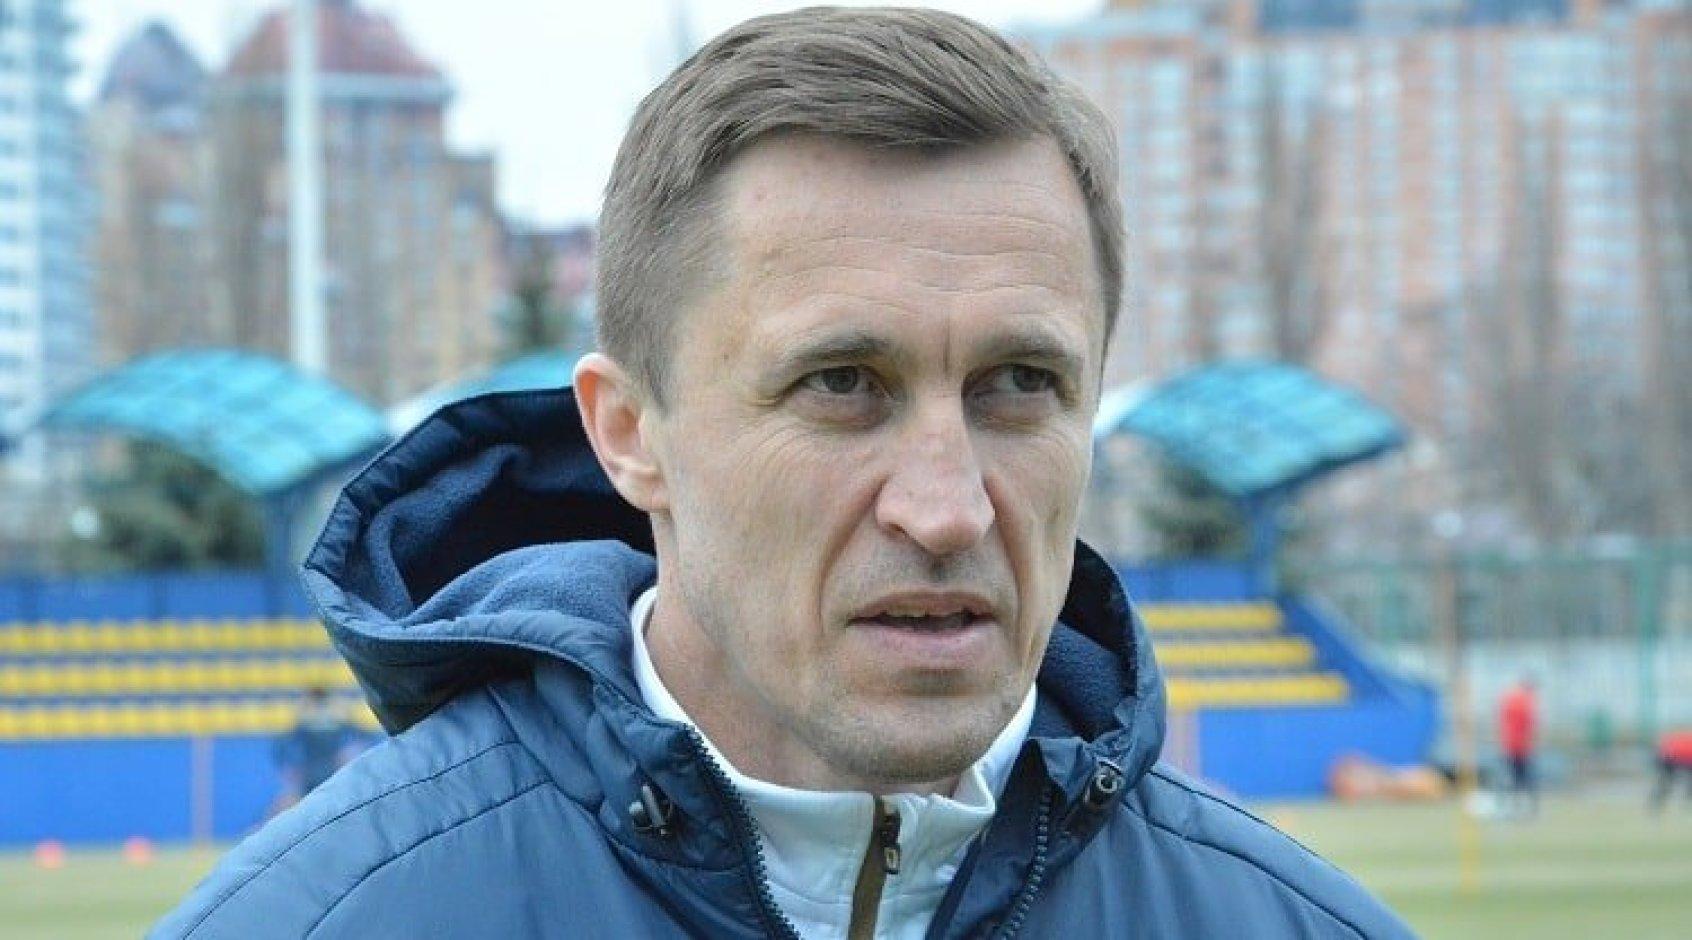 """Сергей Нагорняк: """"Колосу"""" не хватило опыта, чтобы после забитого мяча действовать более мудро"""""""